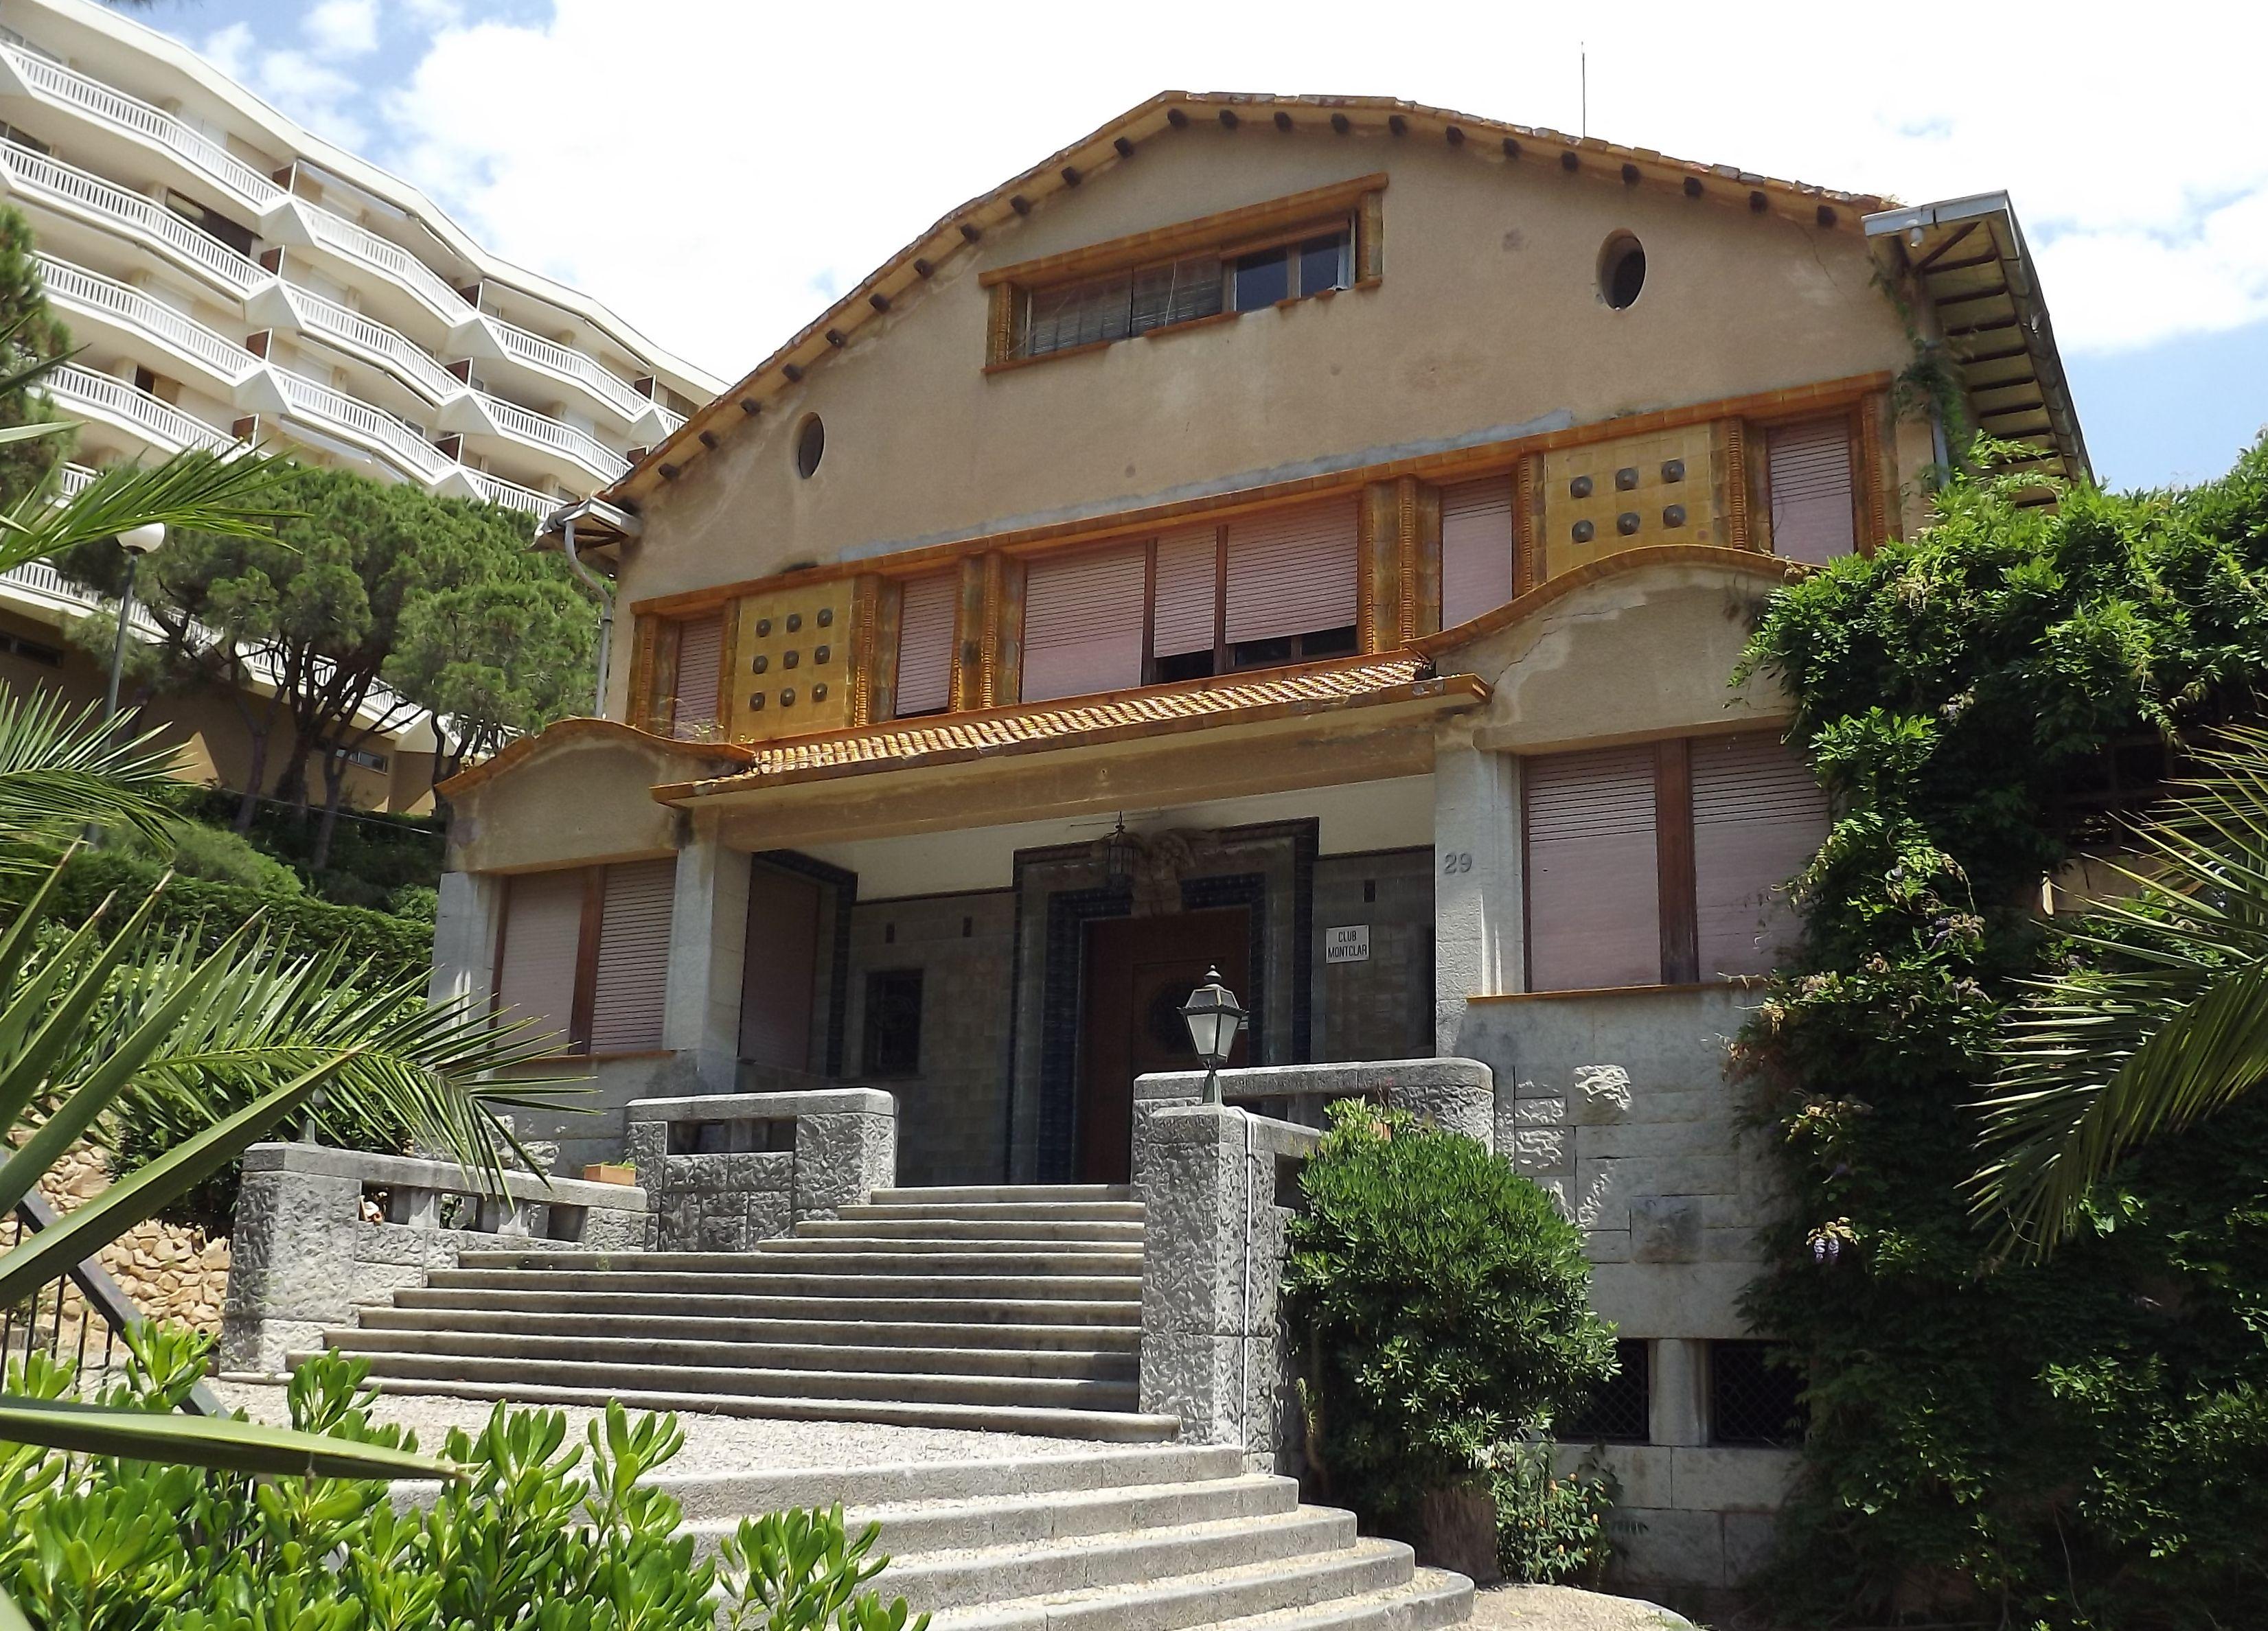 Casas en fachadas de casas modernas fachadas modernas de for Casas modernas wikipedia